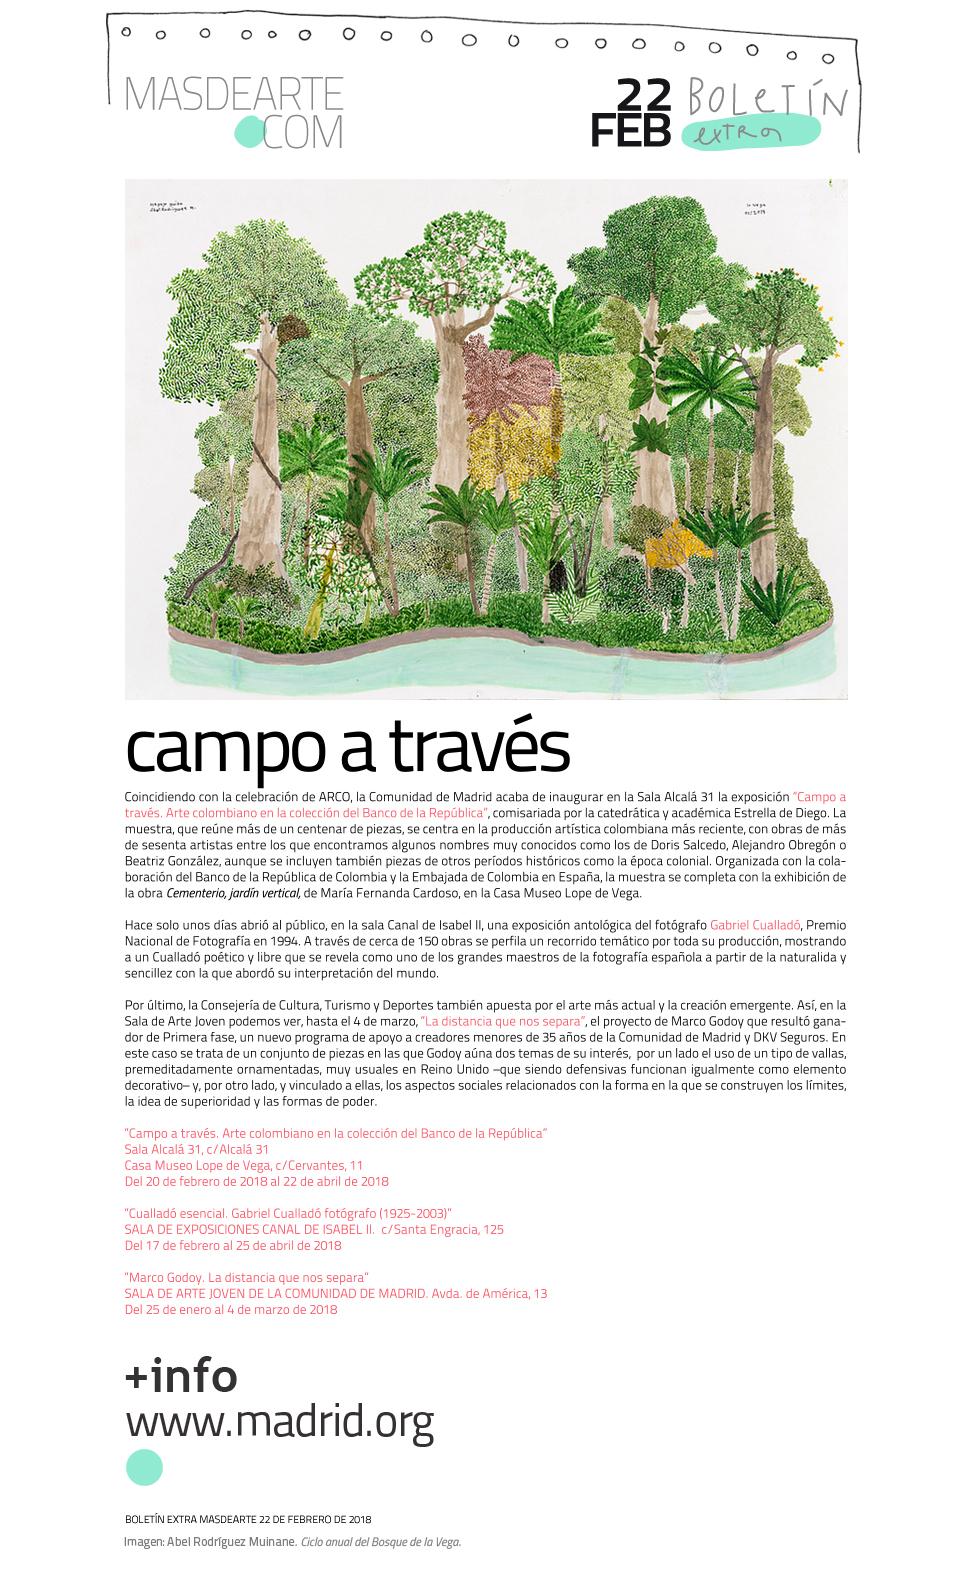 Programación del mes de febrero en los Espacios para el Arte Contemporáneo de la Comunidad de Madrid: Sala Alcalá 31, Sala Canal de Isabel II y Sala de Arte Joven